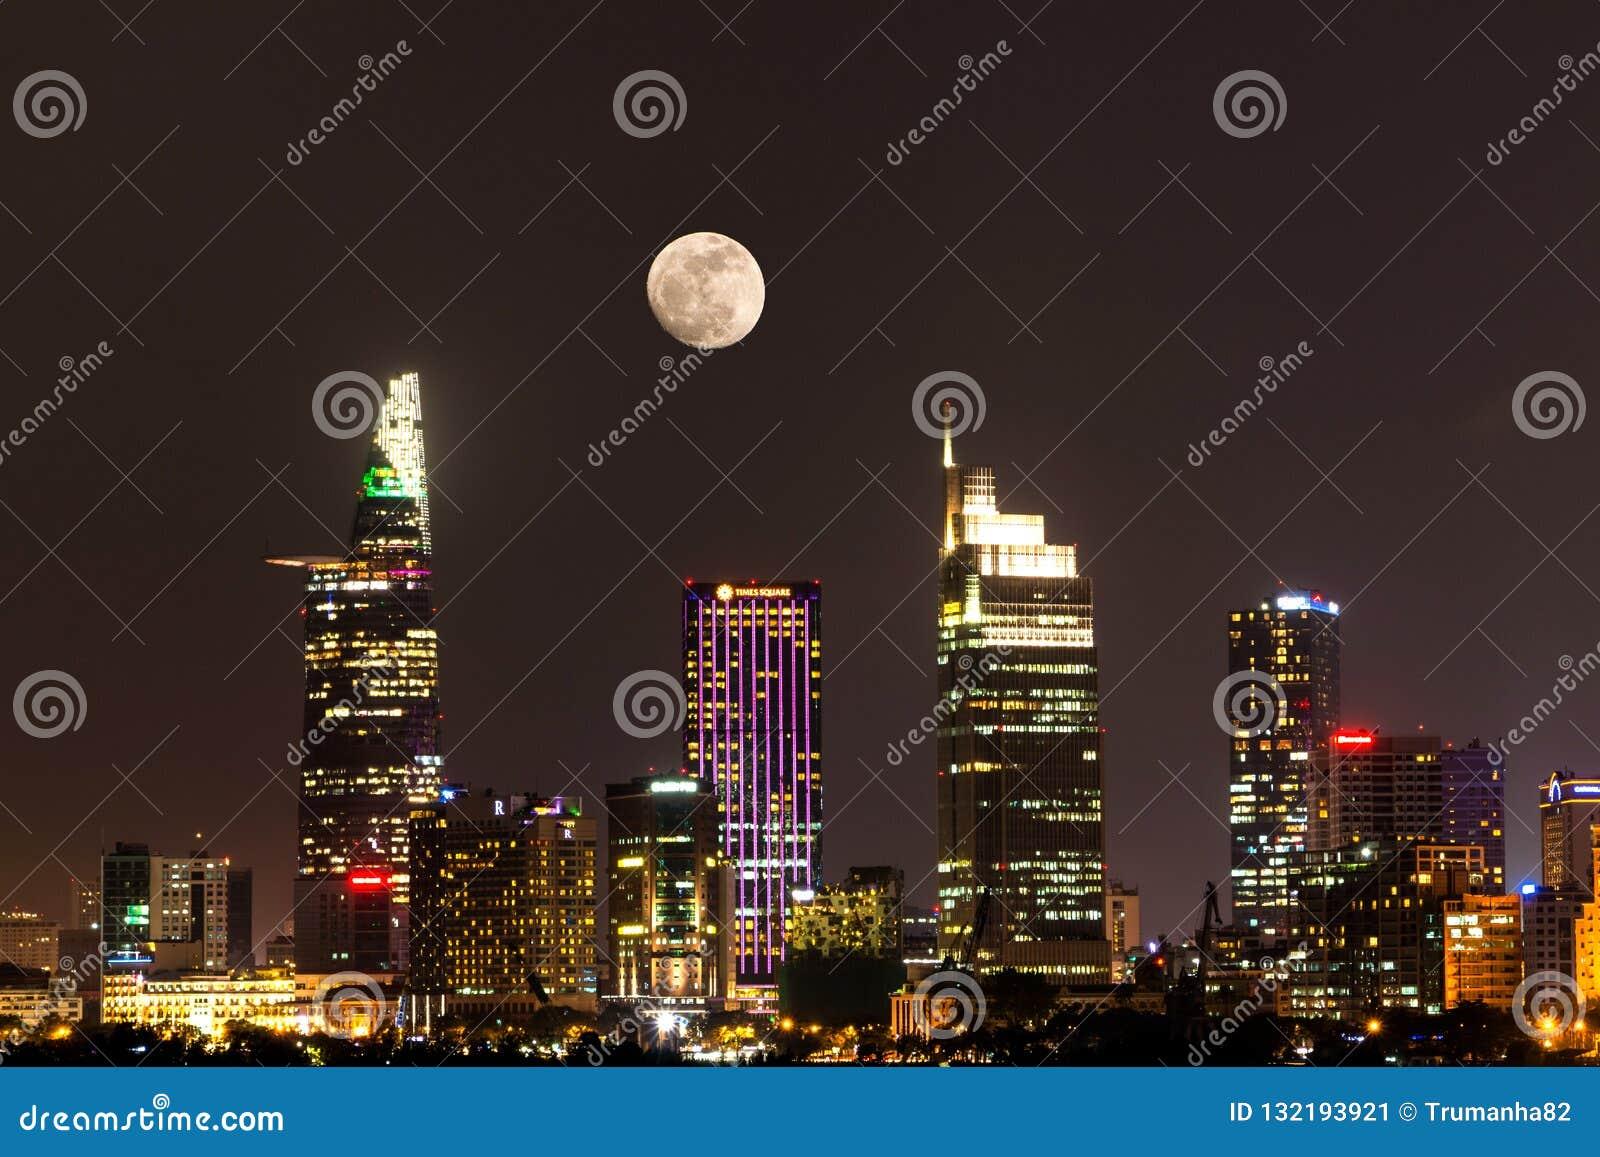 Scène de ville avec la lune se levant au-dessus du district des affaires central de Ho Chi Minh Ville par nuit